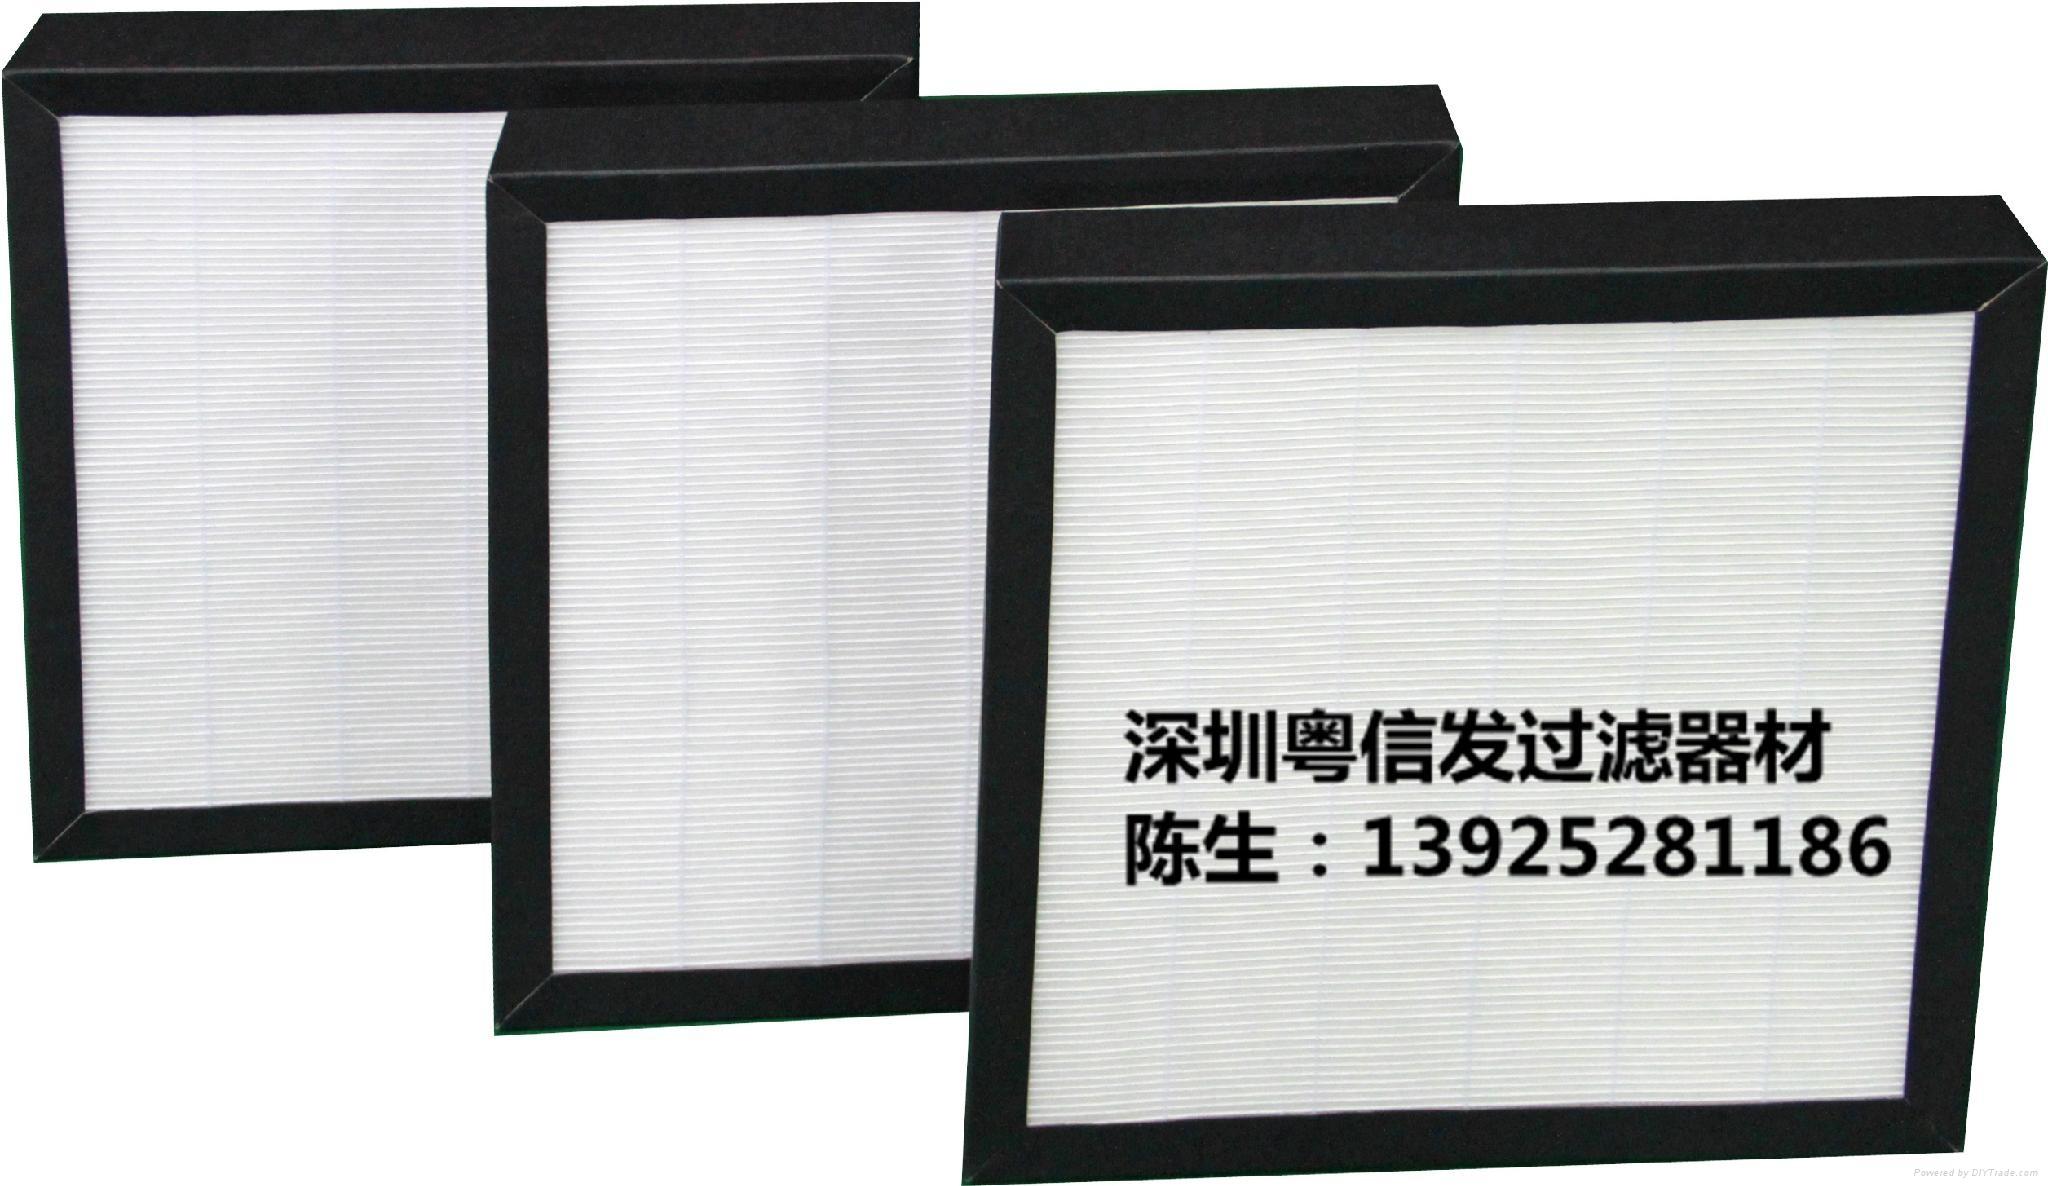 【廠家直銷】除PM2.5 車載淨化器過濾網器高效HEPA過濾網 定製 5